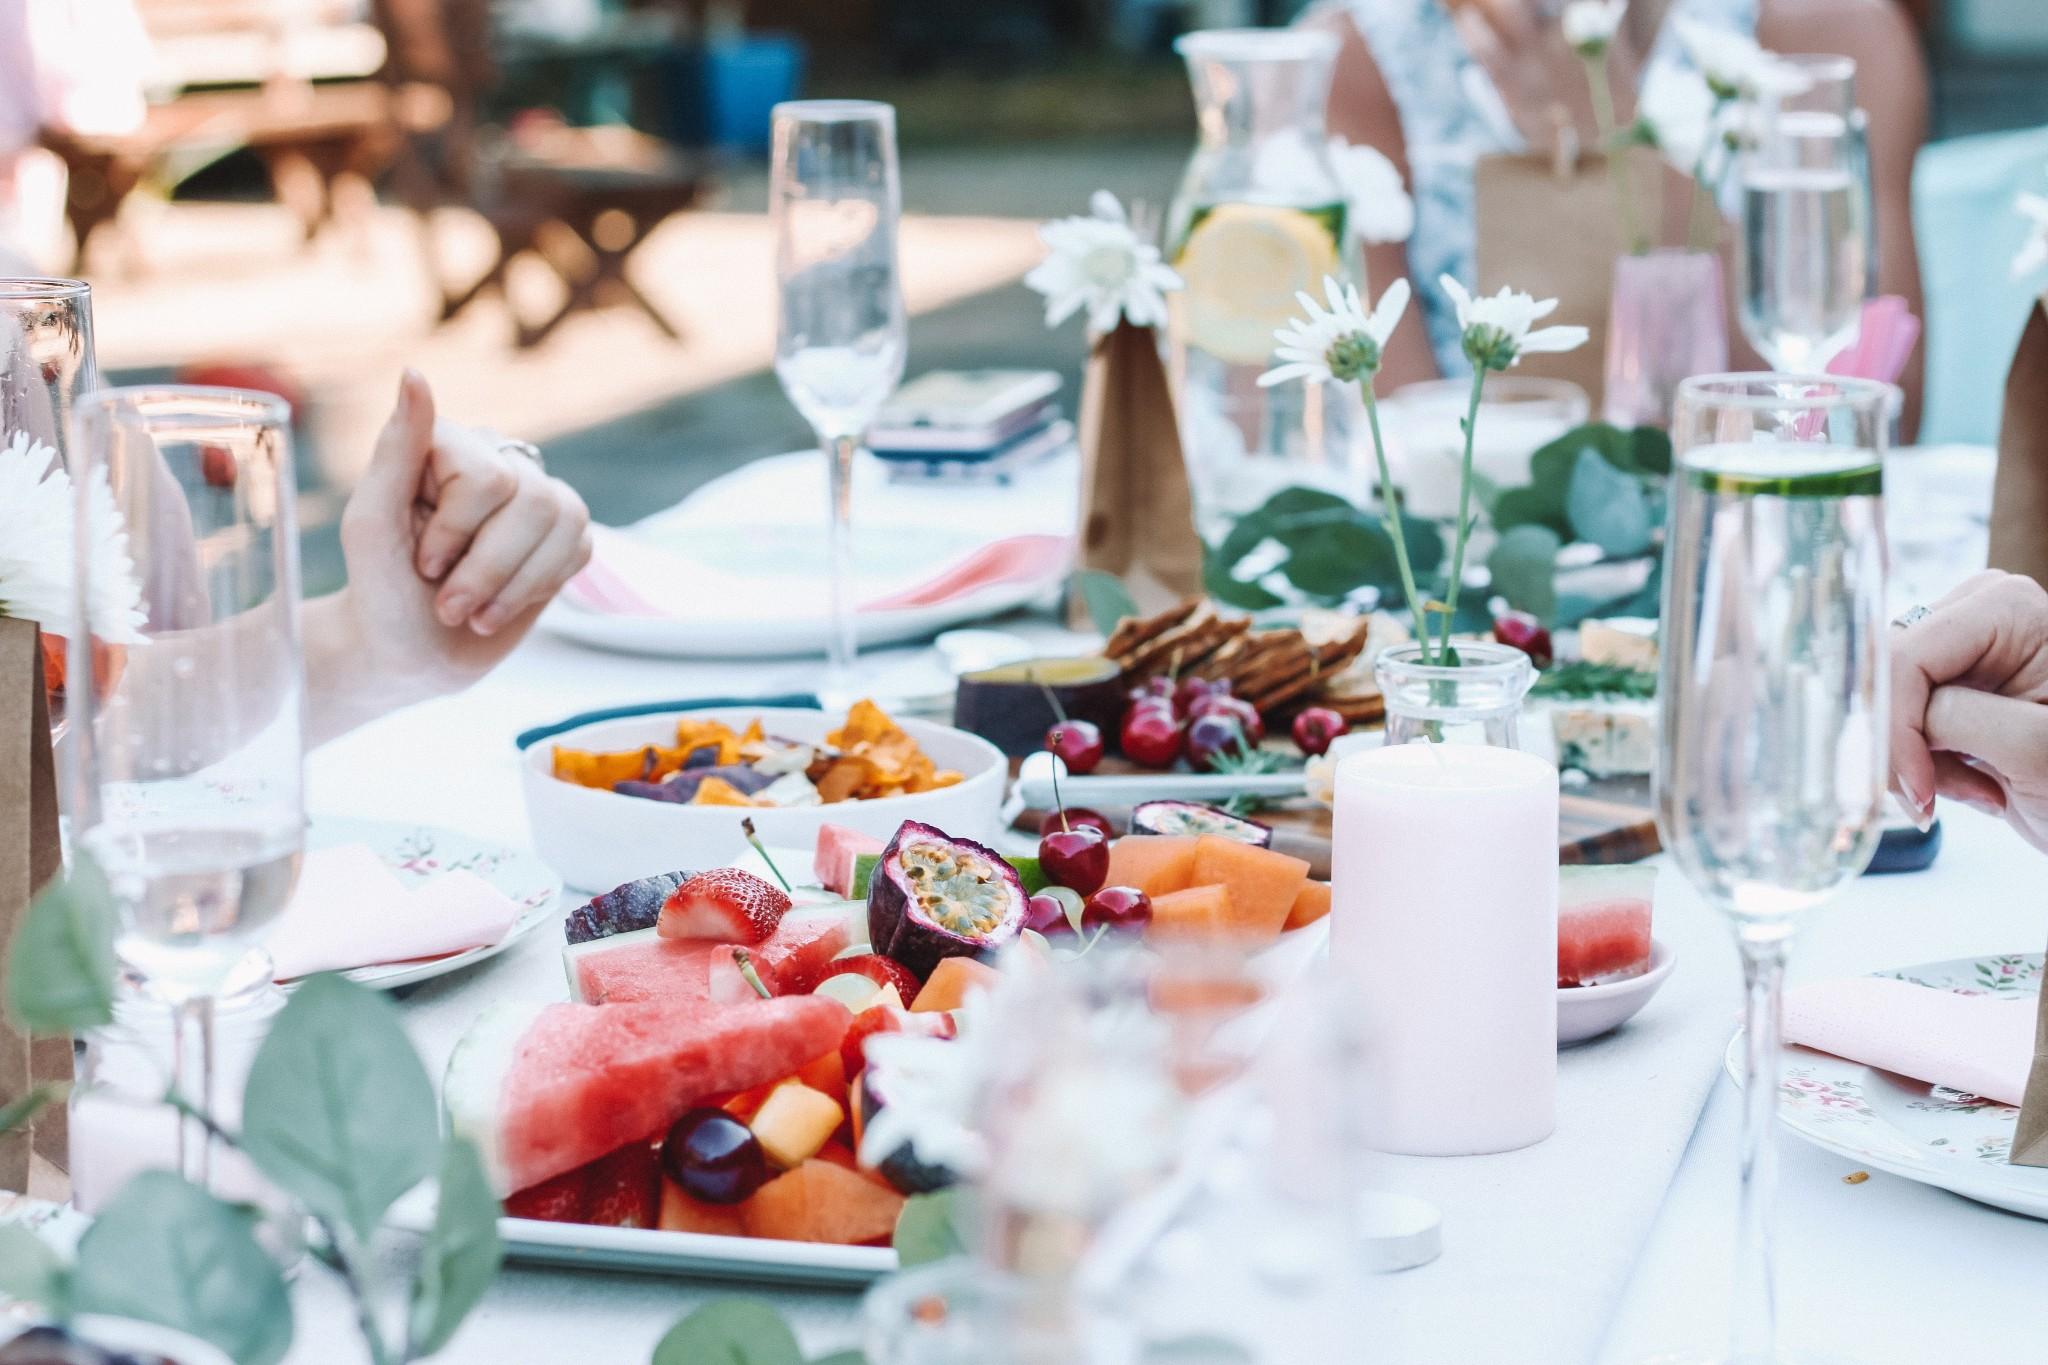 4 strategieën voor meer rust rondom eten